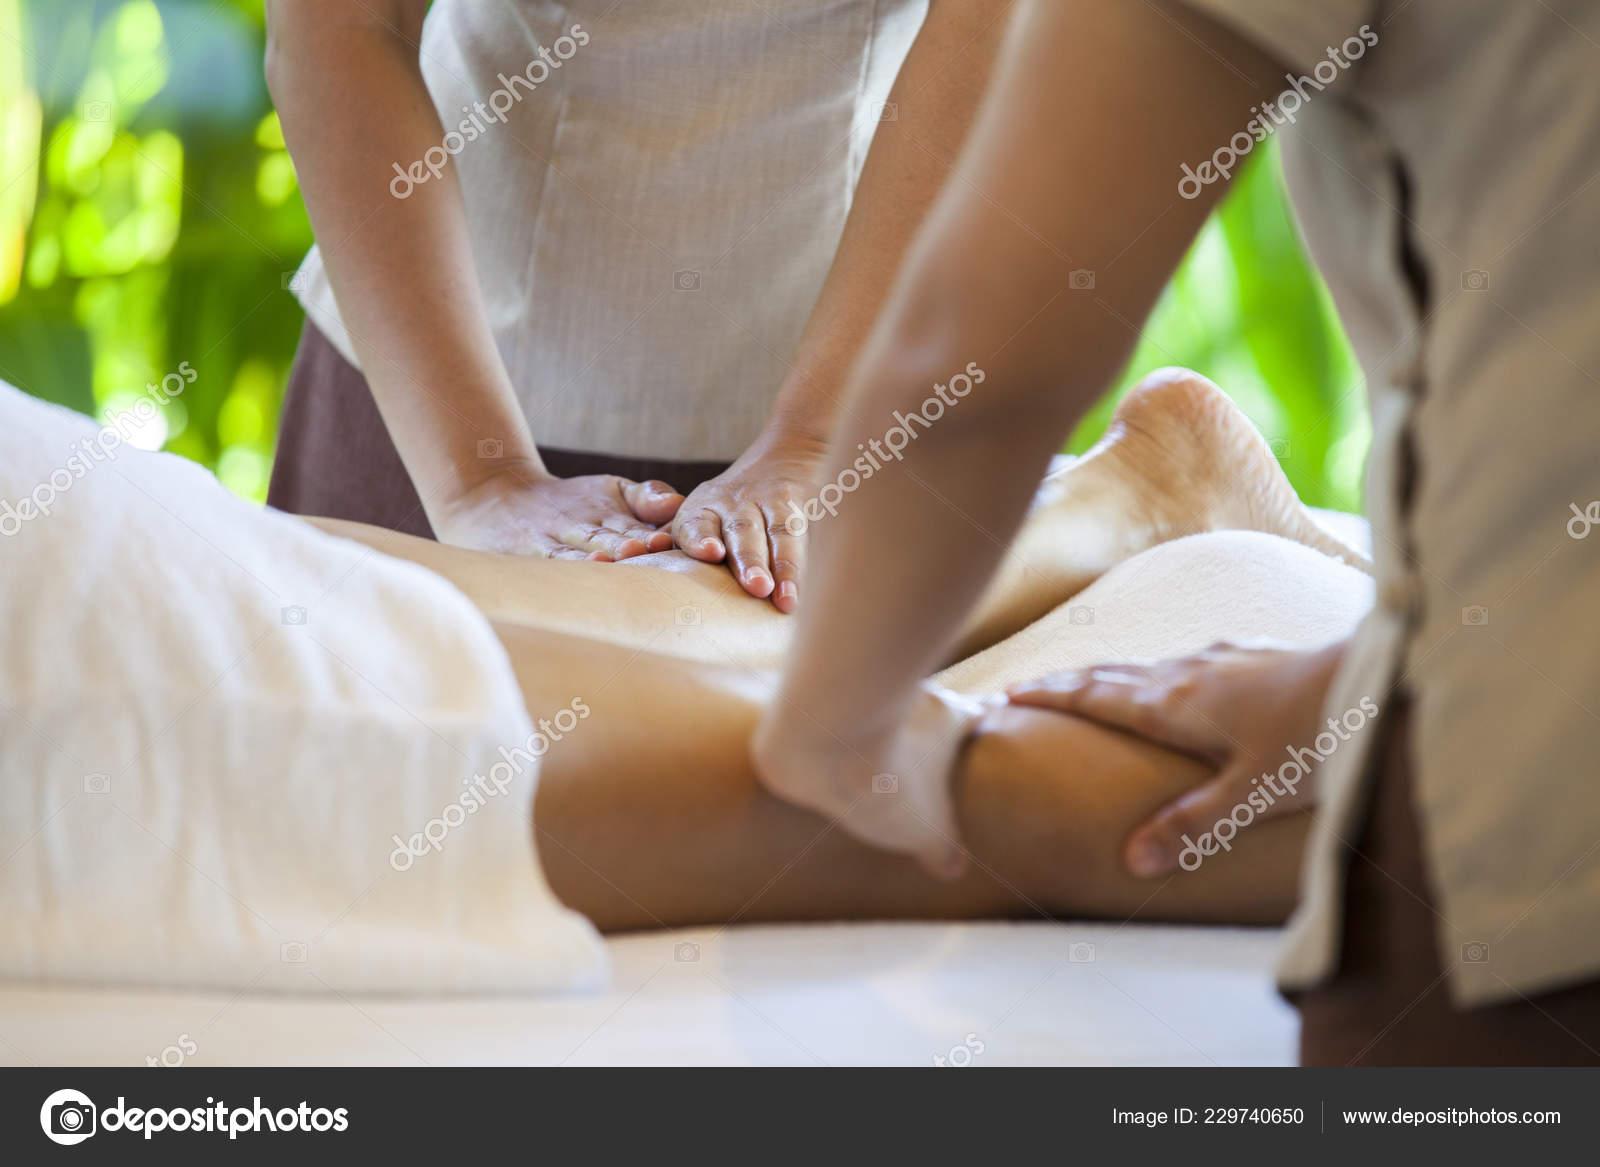 Секс принудительный на массаже, Порно видео с массажем, делает массаж парню 18 фотография